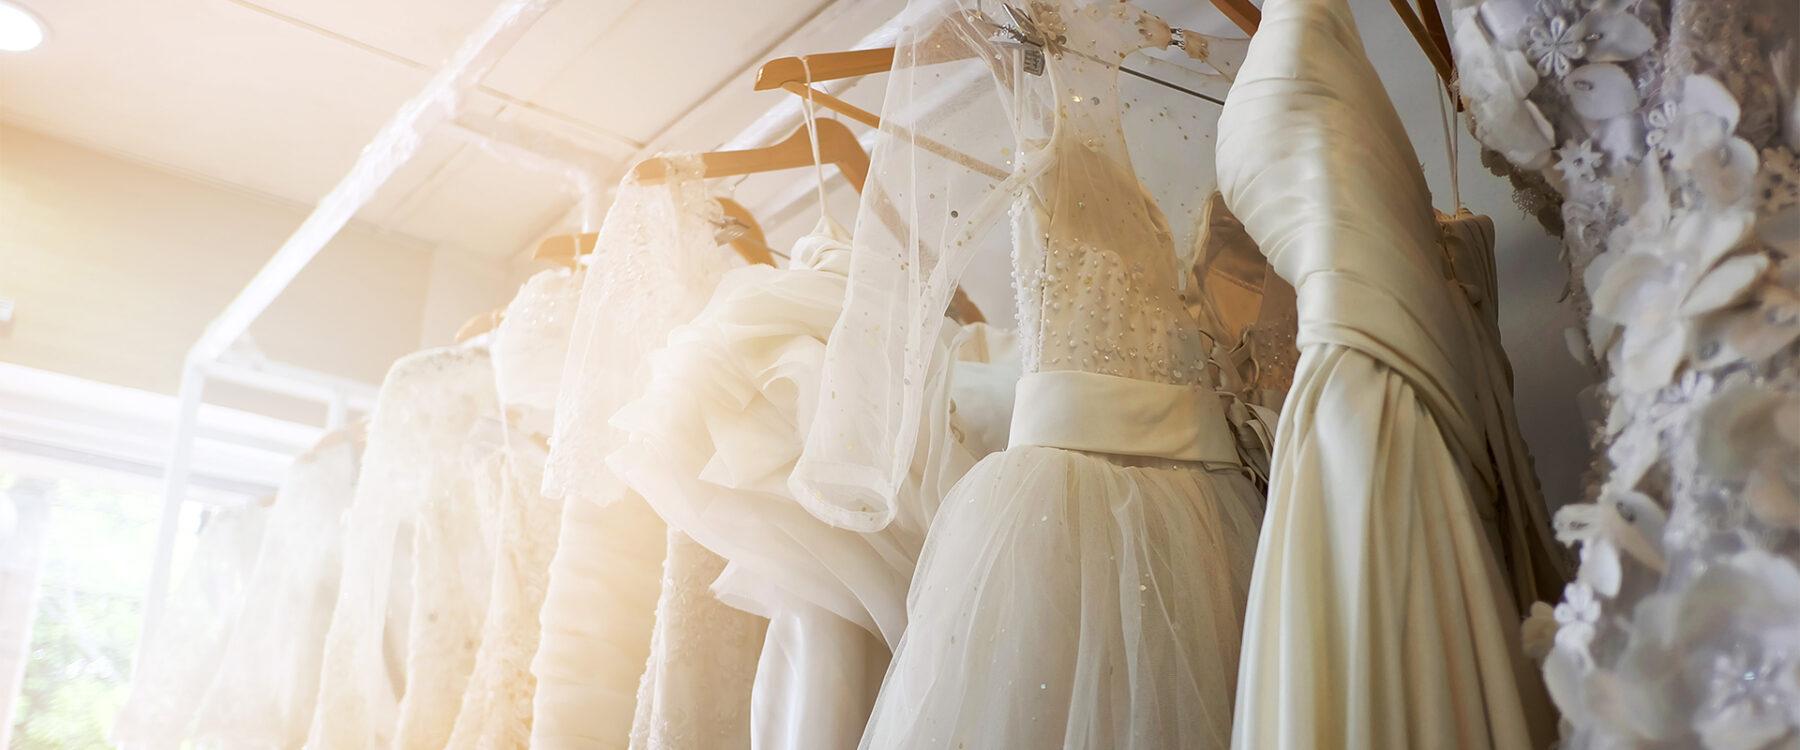 wedding dresses in closet